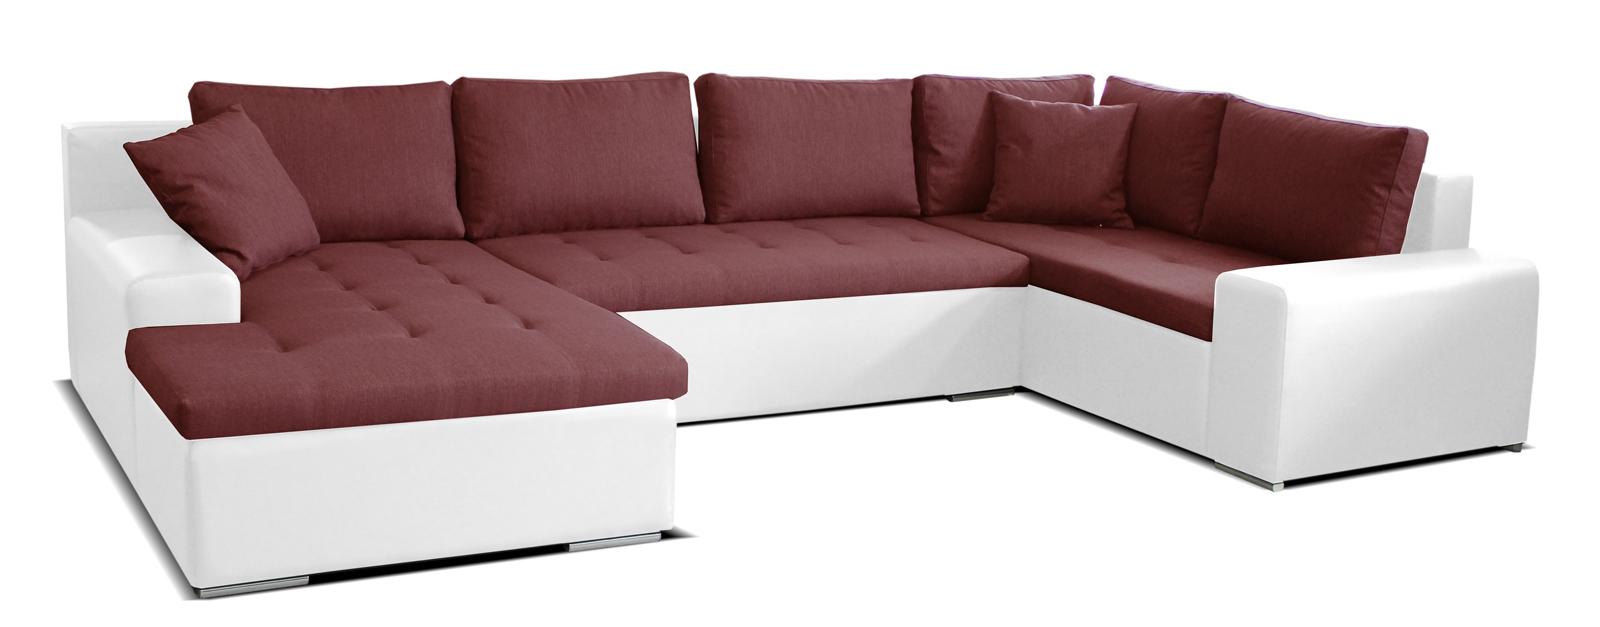 Rohová sedací souprava U - Po-Sed - Moreno L+2+BL (bordó + bílá) (L)